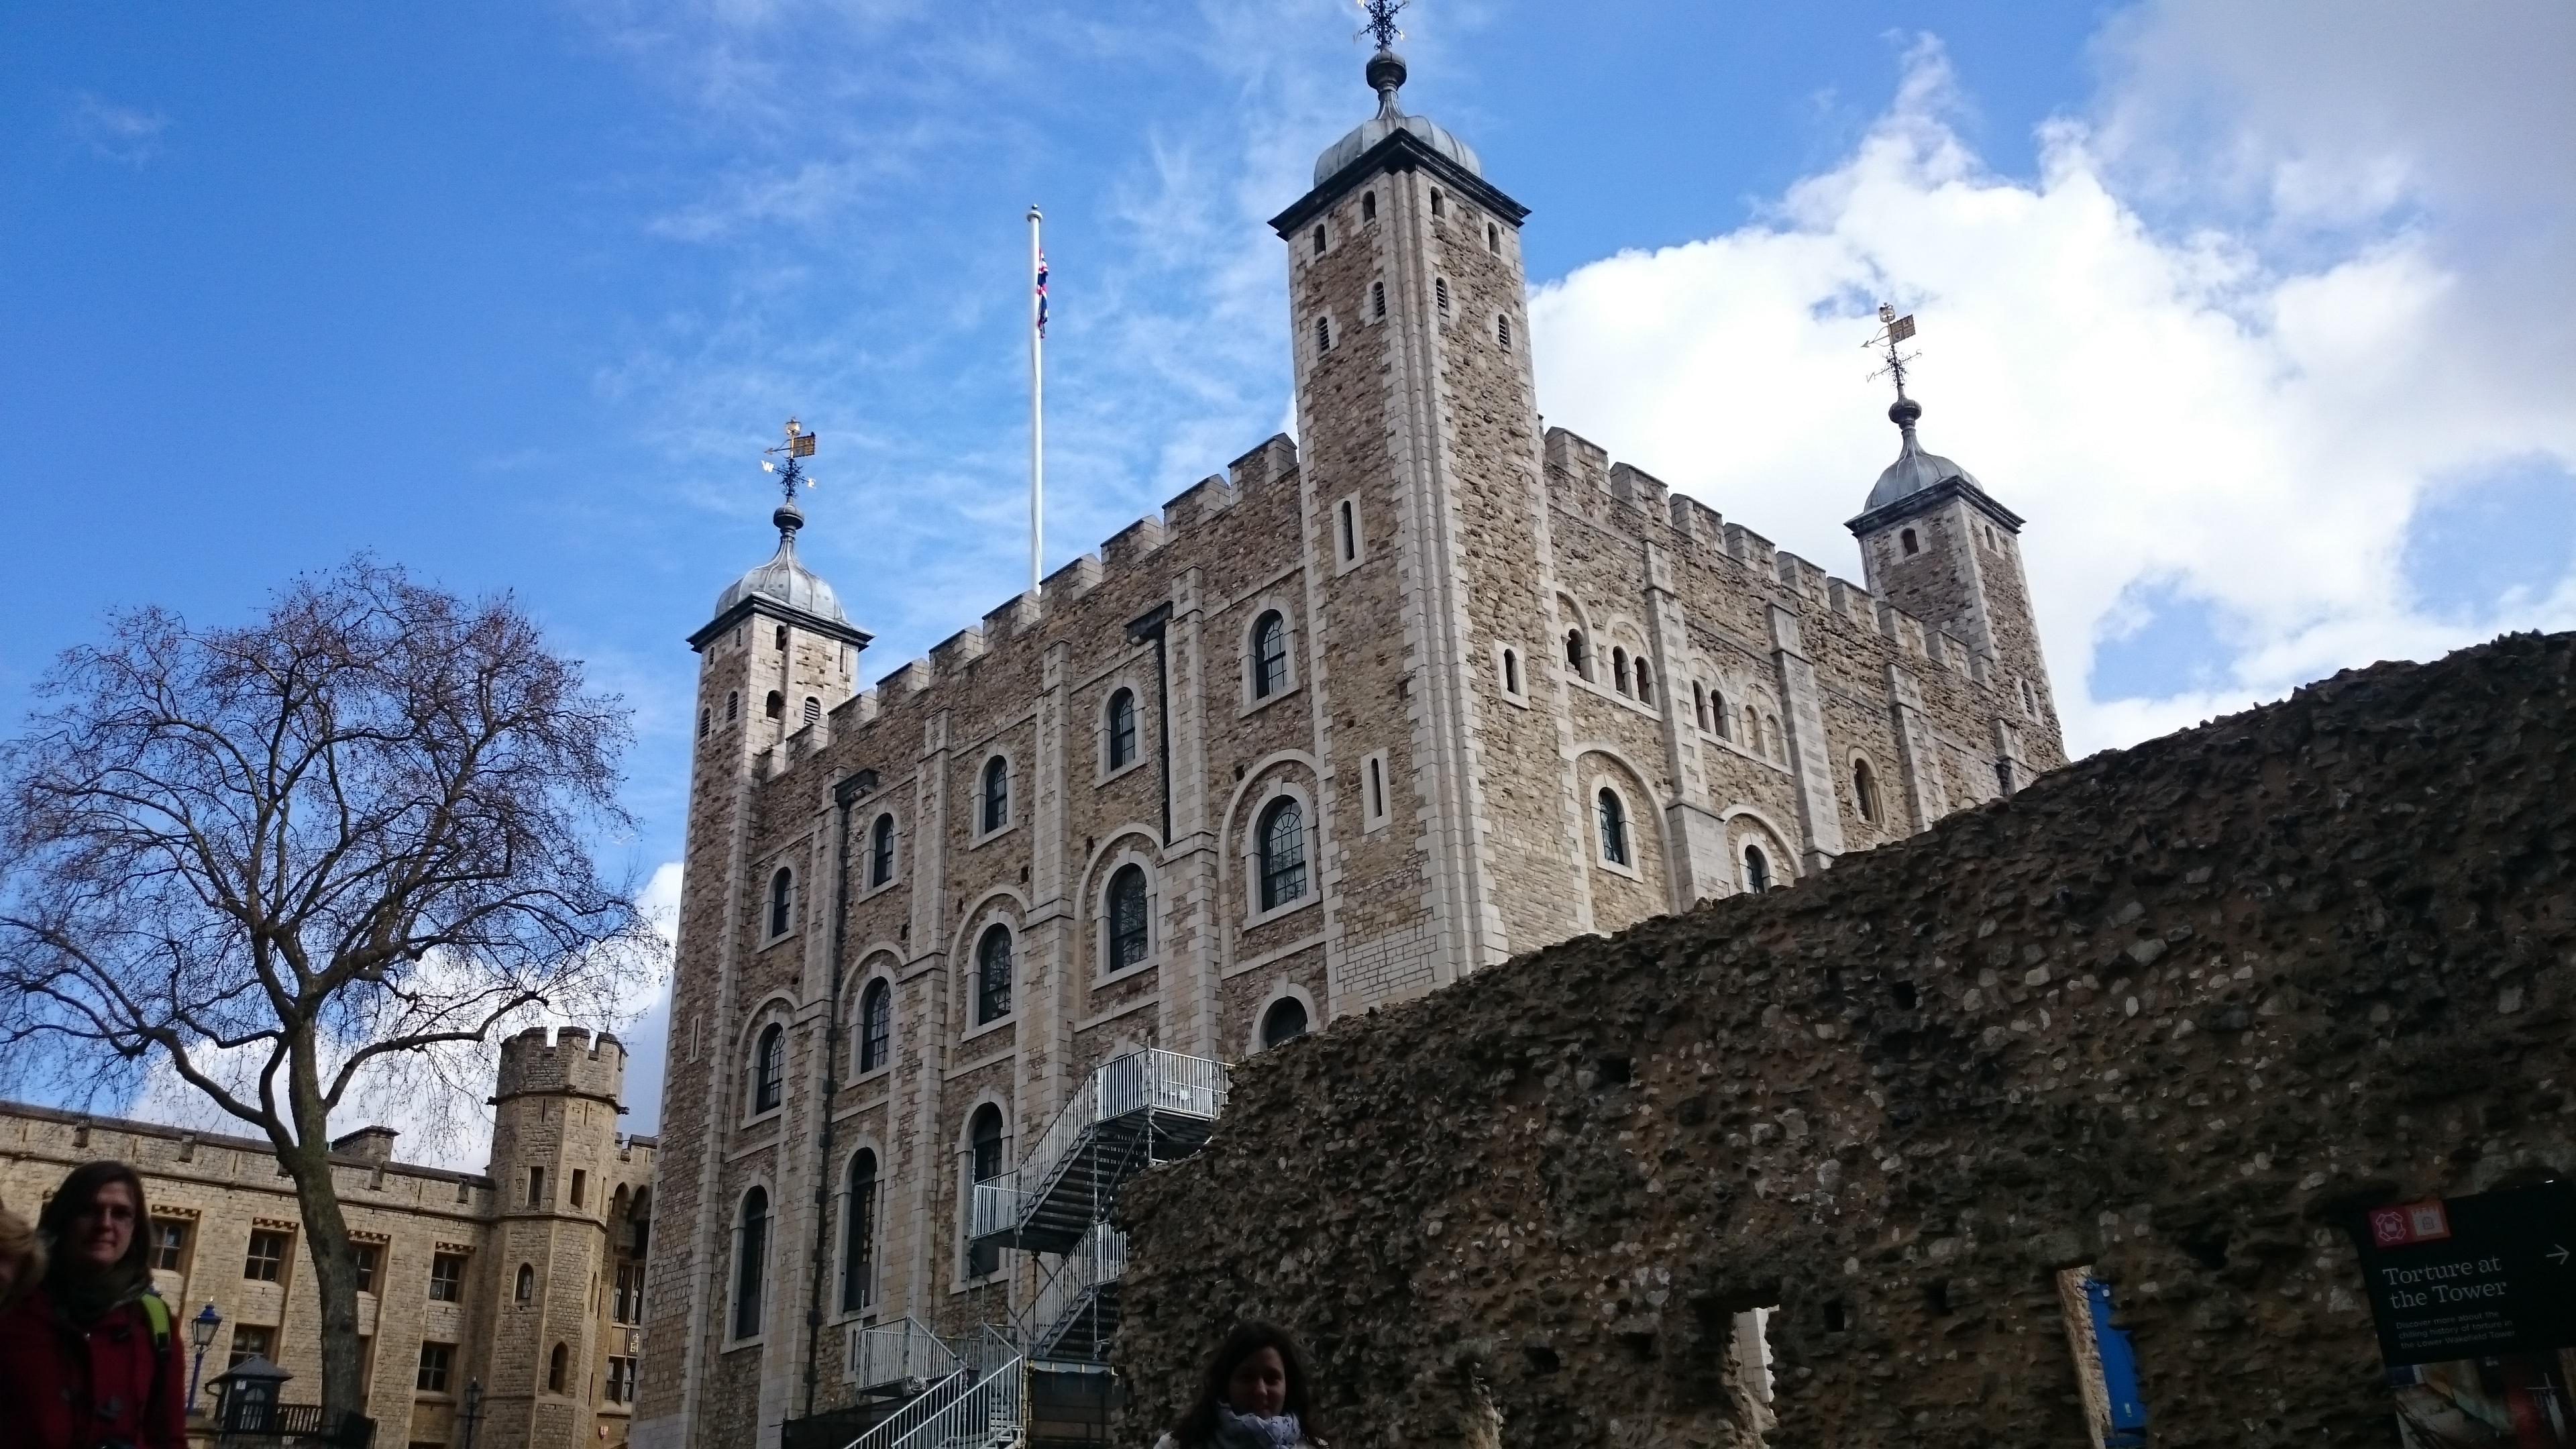 DSC 0604 - Visitando la Torre de Londres